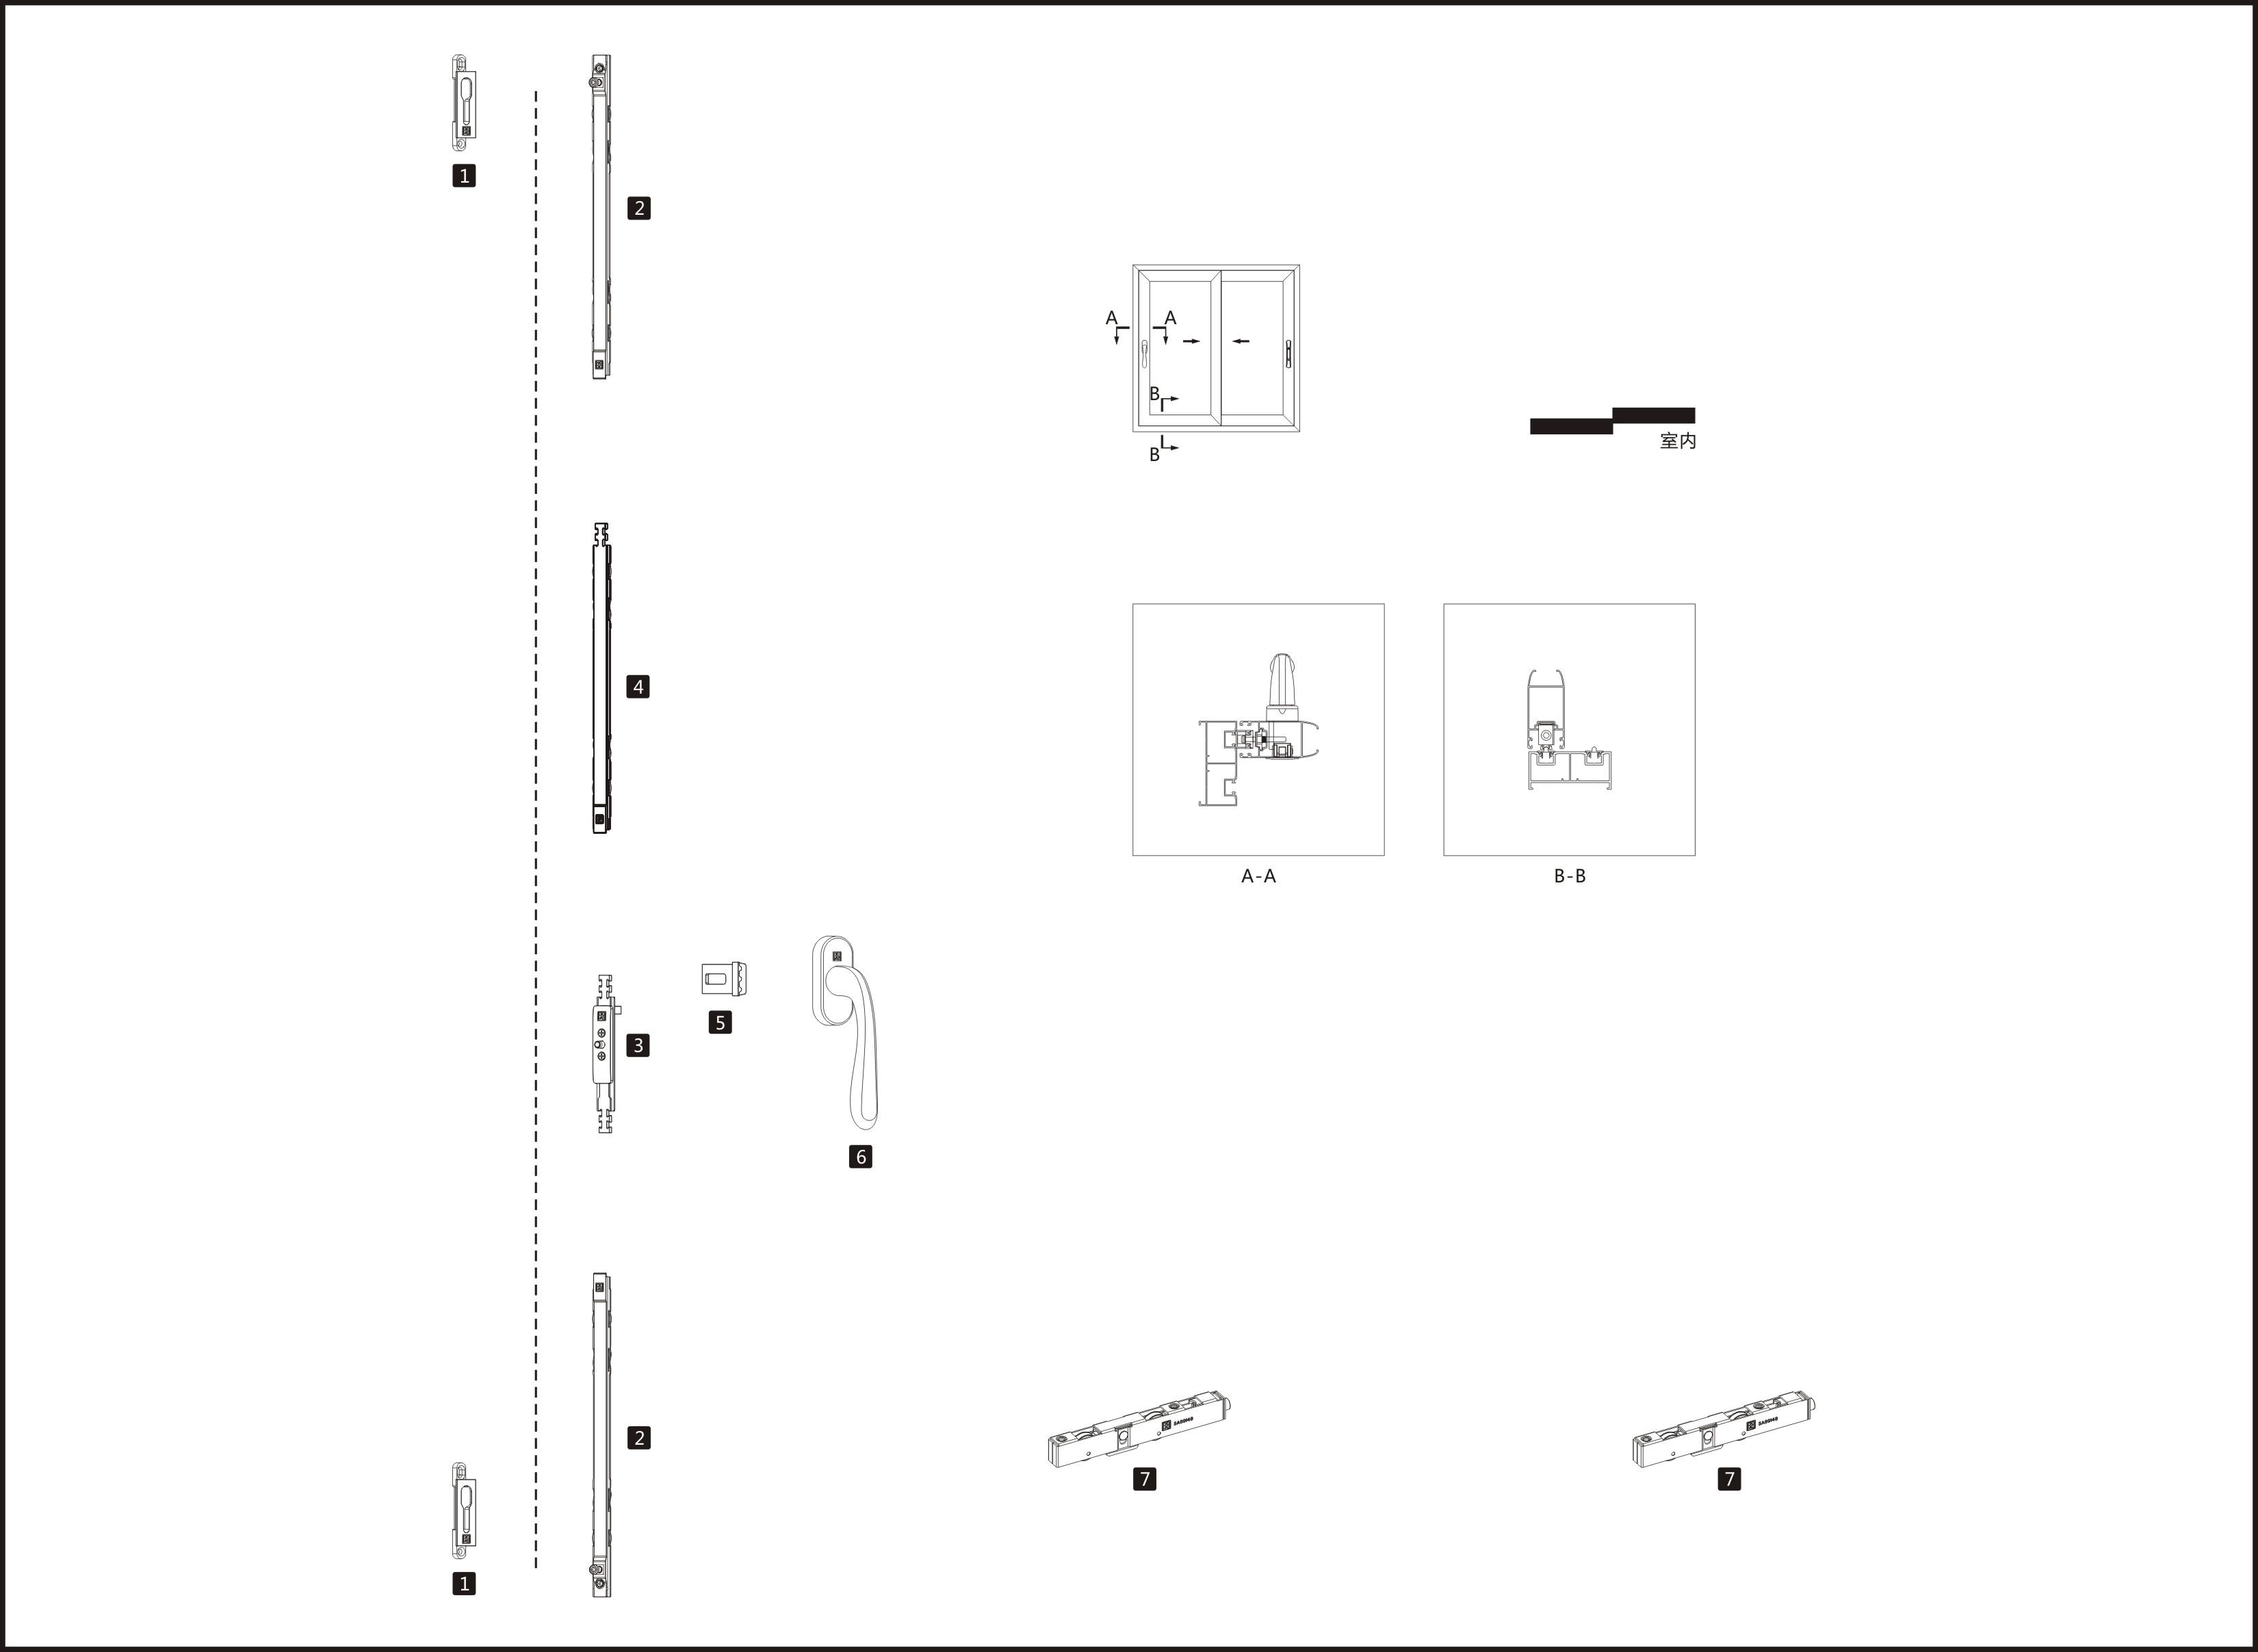 推拉窗系统配置清单01